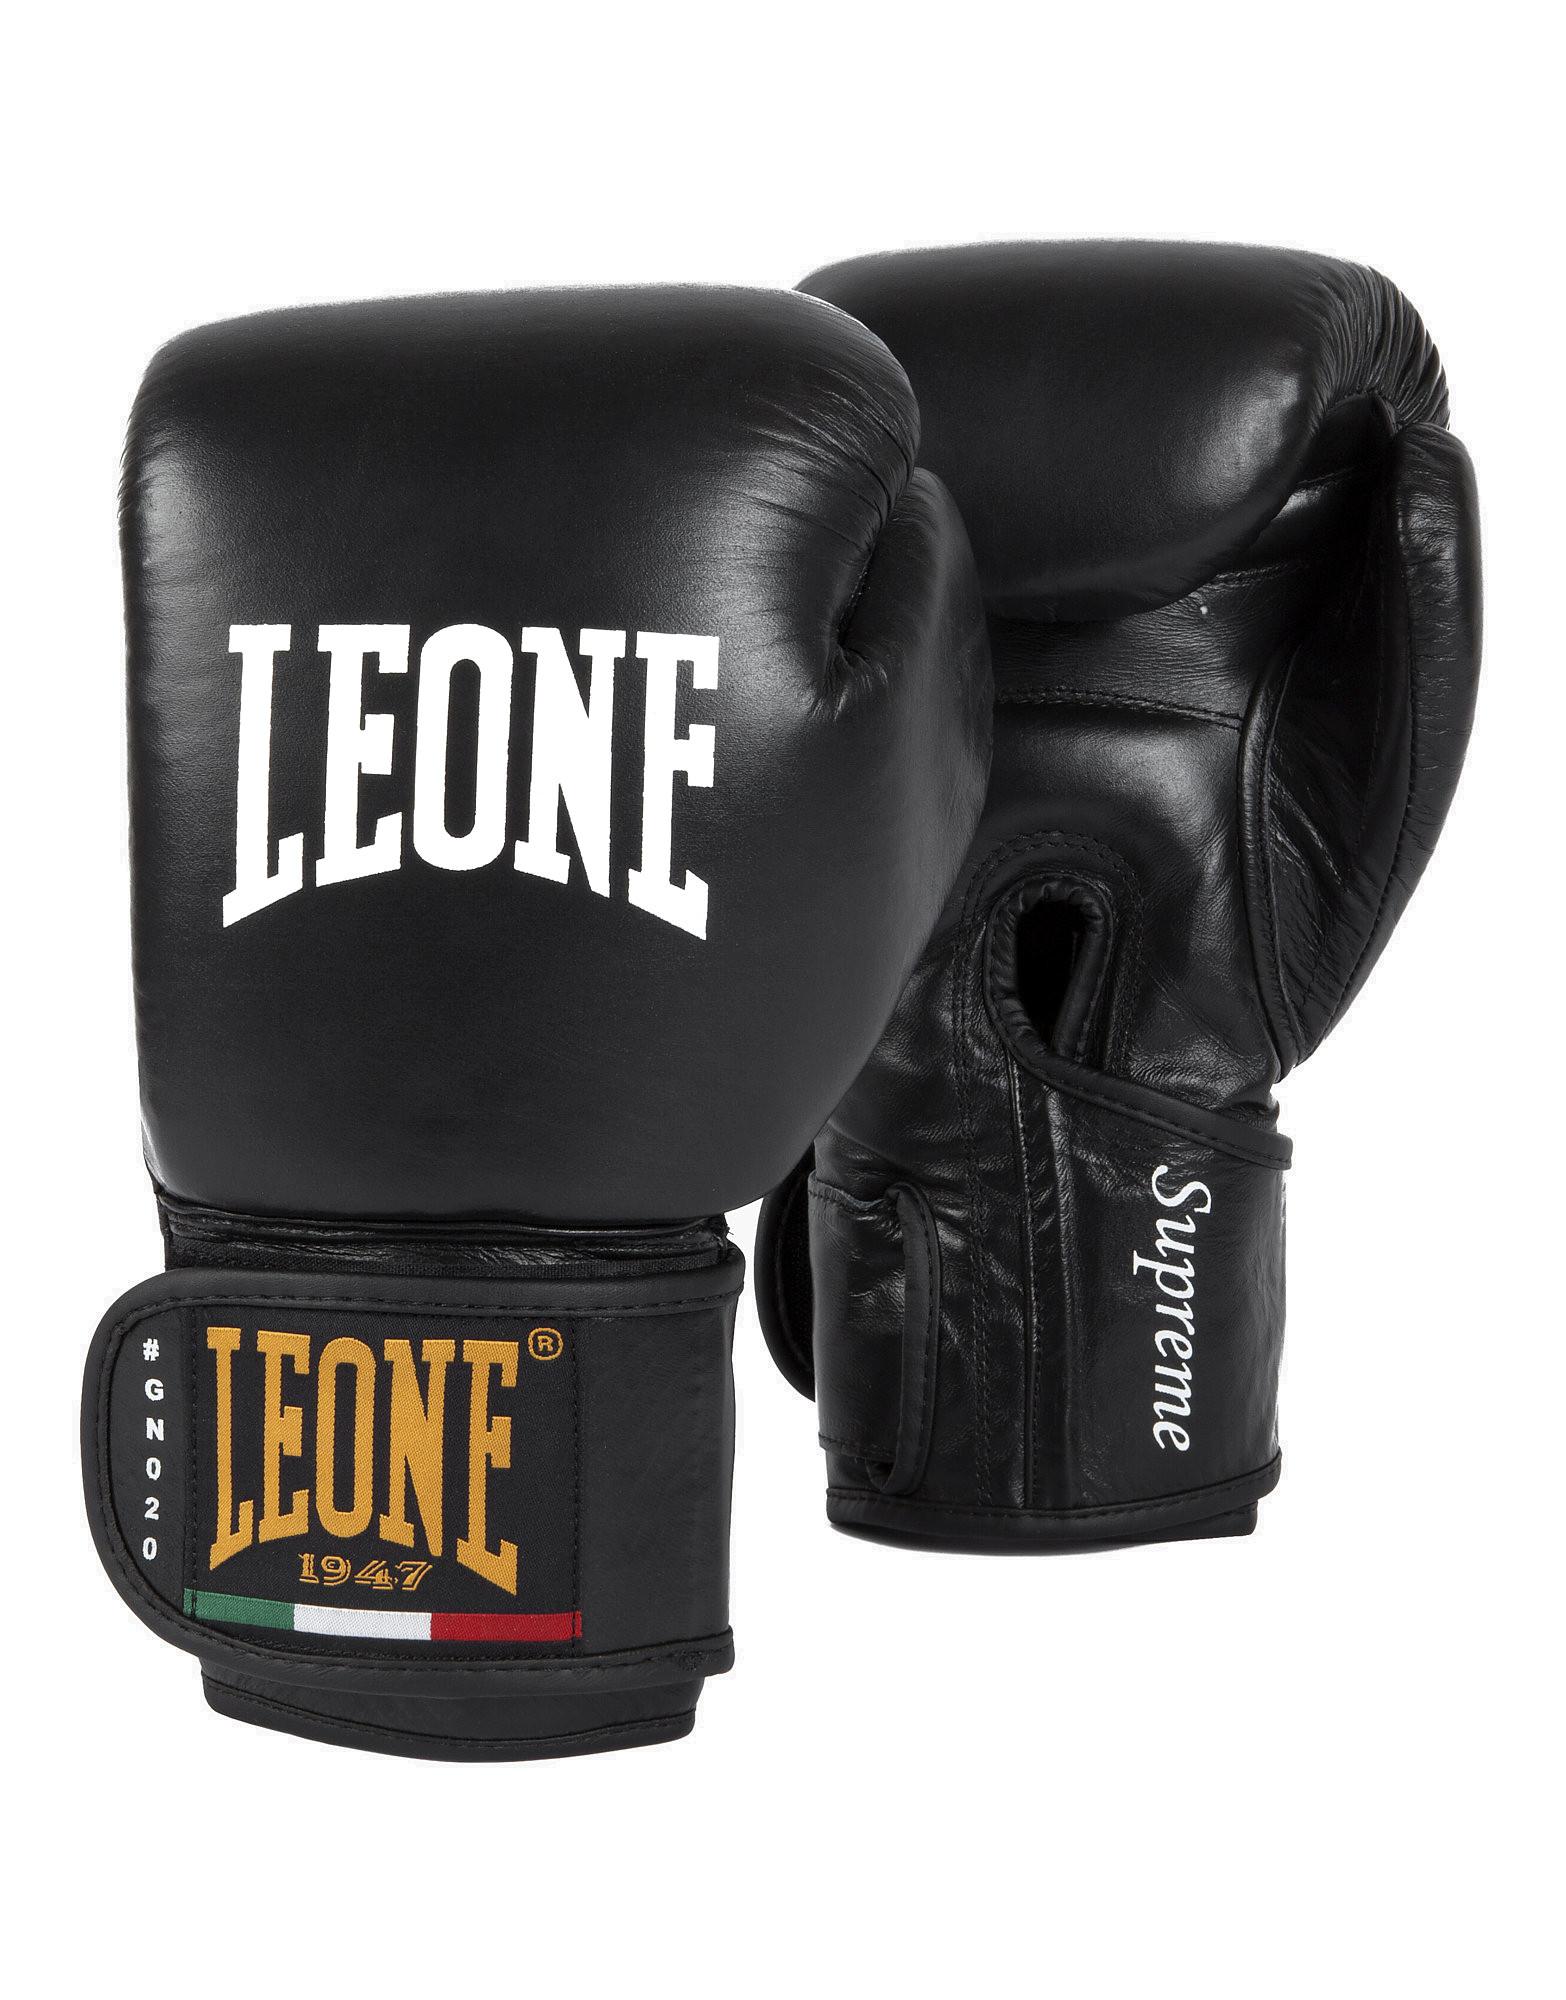 Gloves Supreme Velcro by Leone, Colour: Black - iafstore com